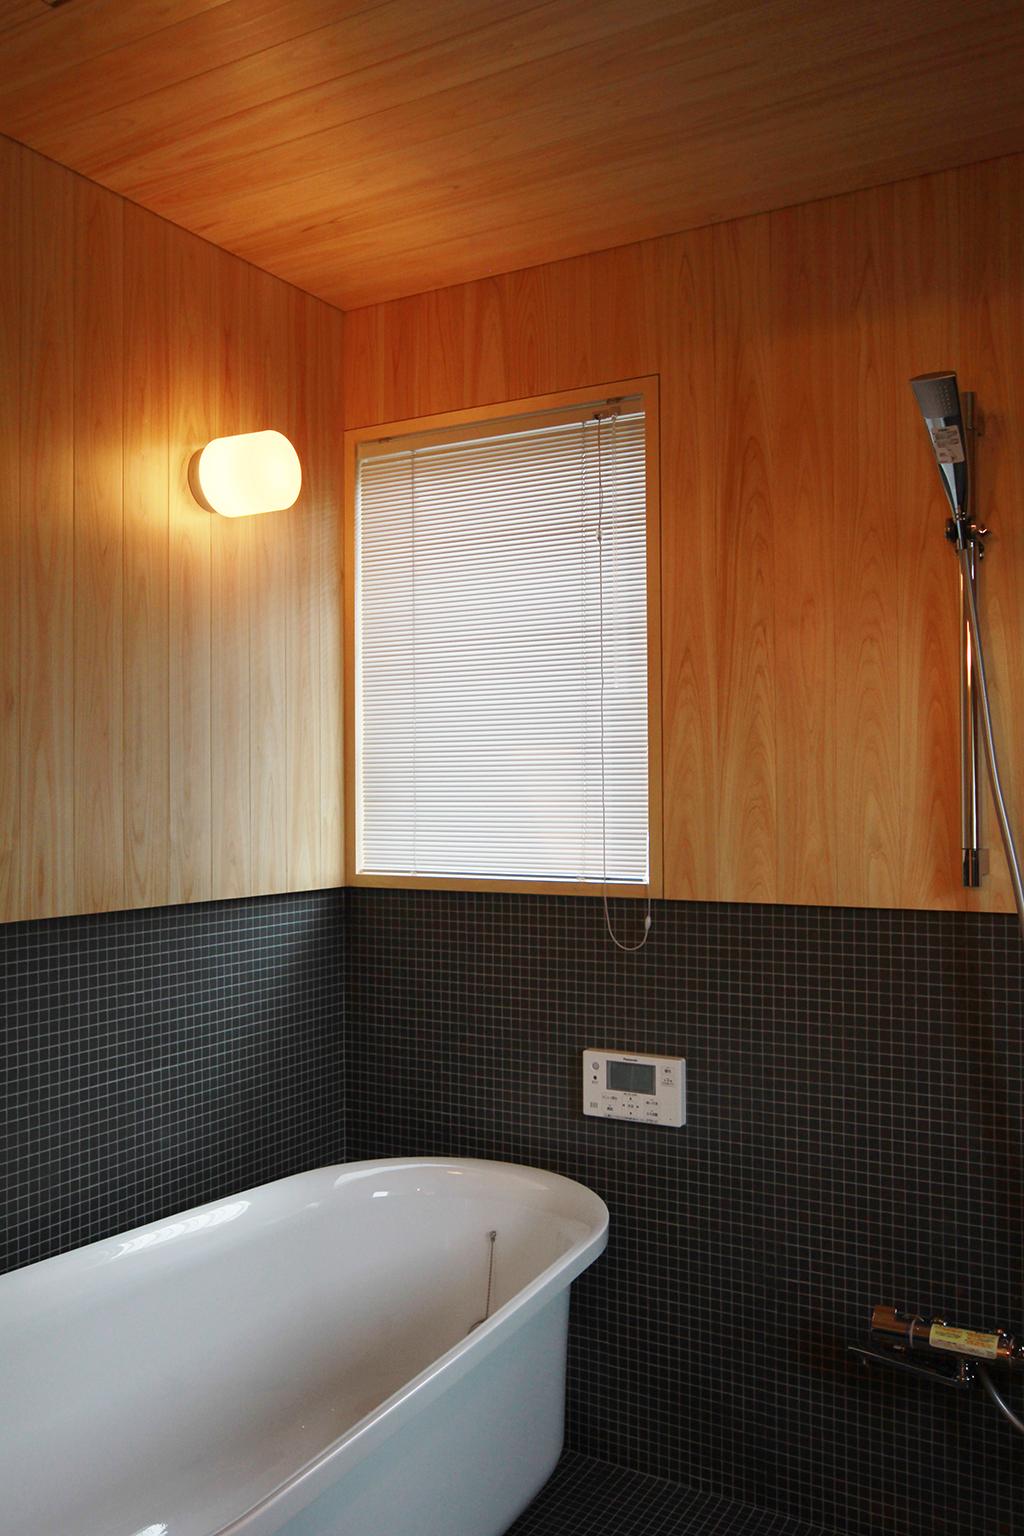 姫路市の木の家 桧とタイルのコントラストがお洒落な浴室